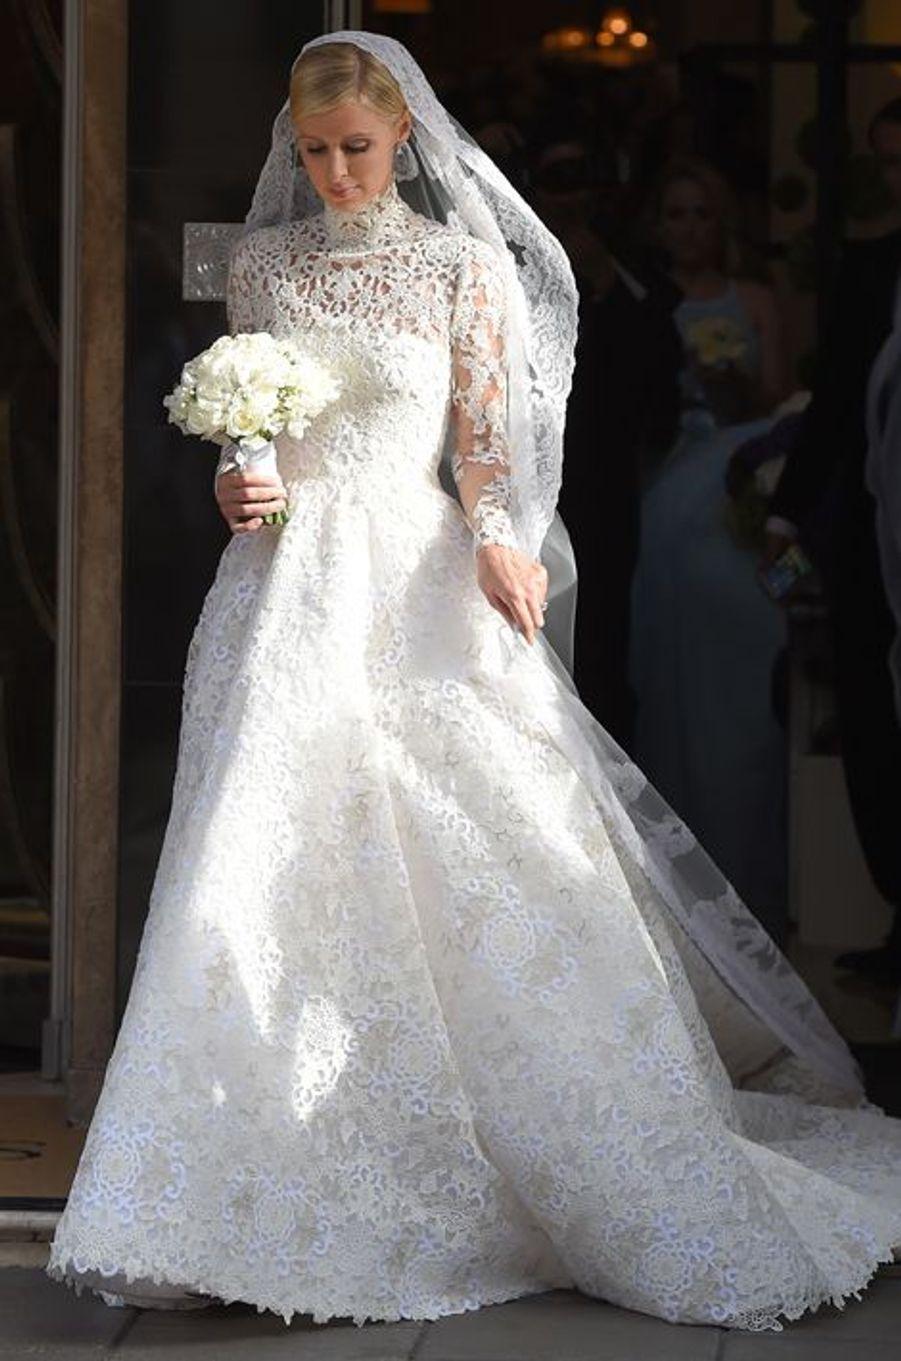 Nicky Hilton quitte l'hôtel Claridge pour rejoindre la cérémonie